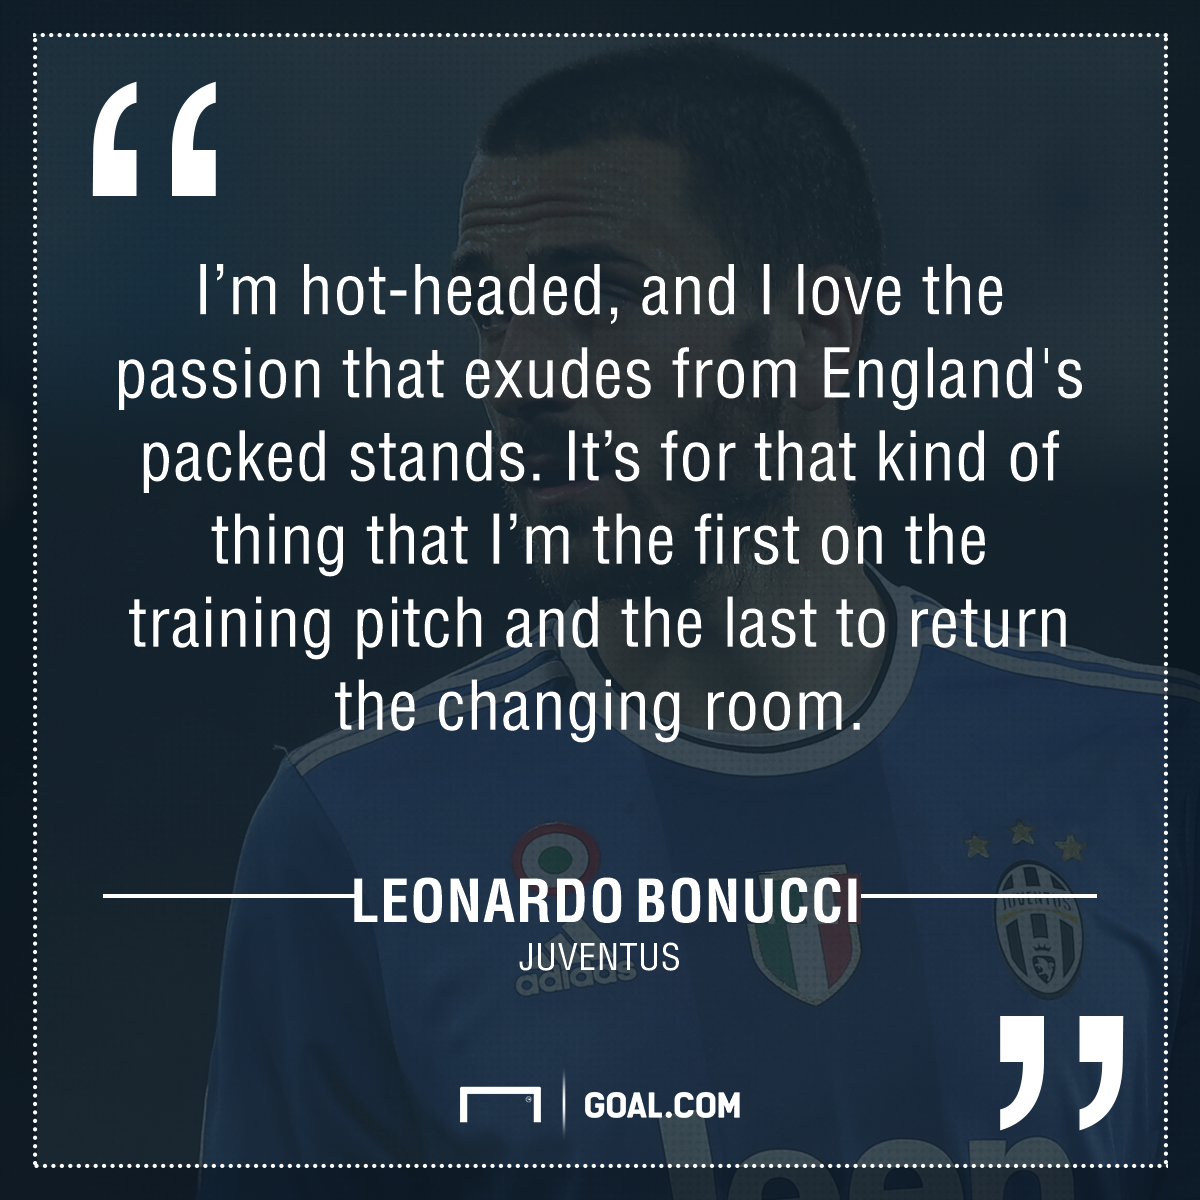 Bonucci quote gfx